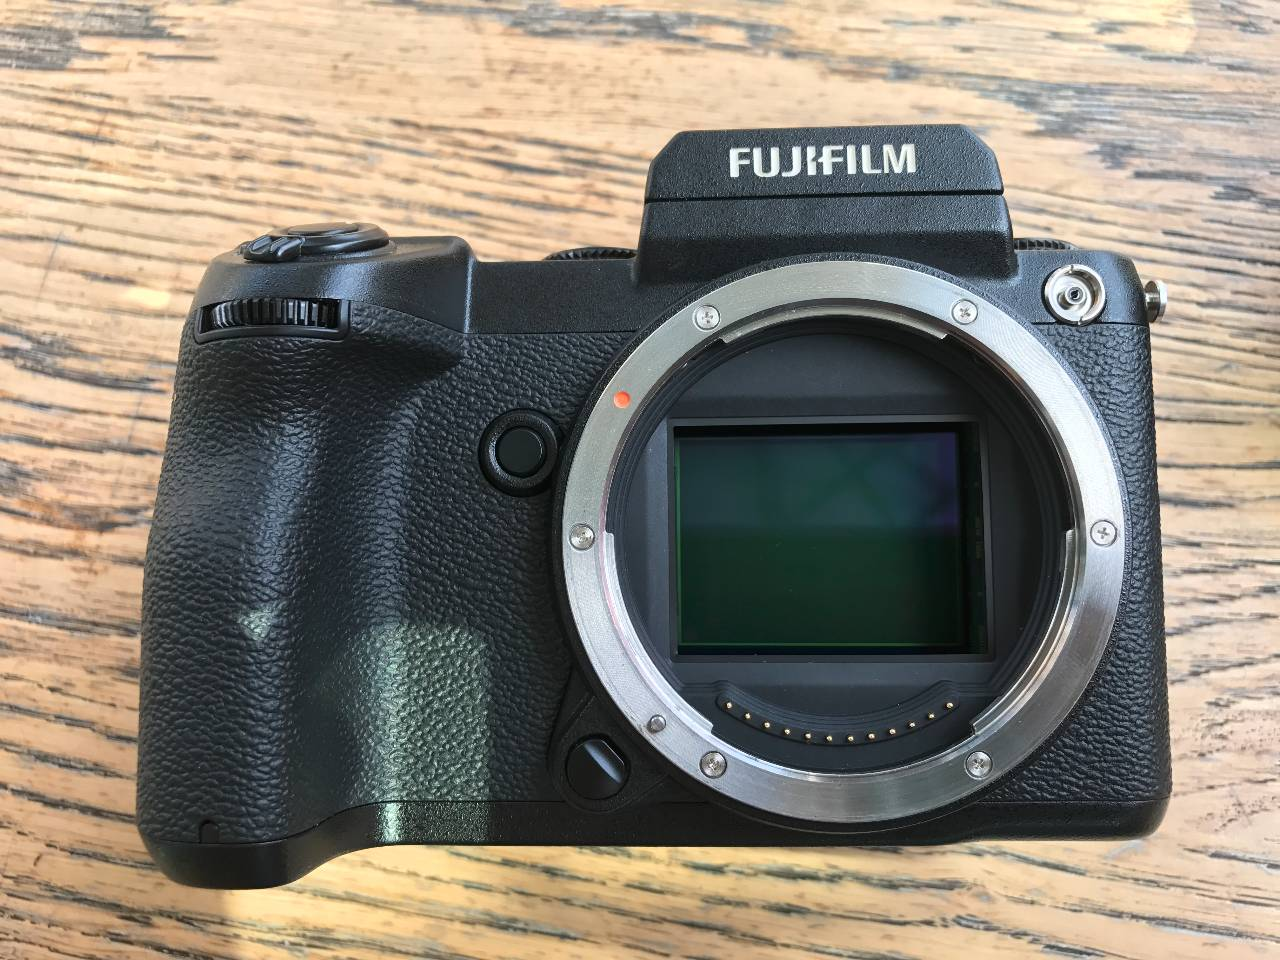 Test Fujifilm GFX 50S - Mittelformat spiegellos